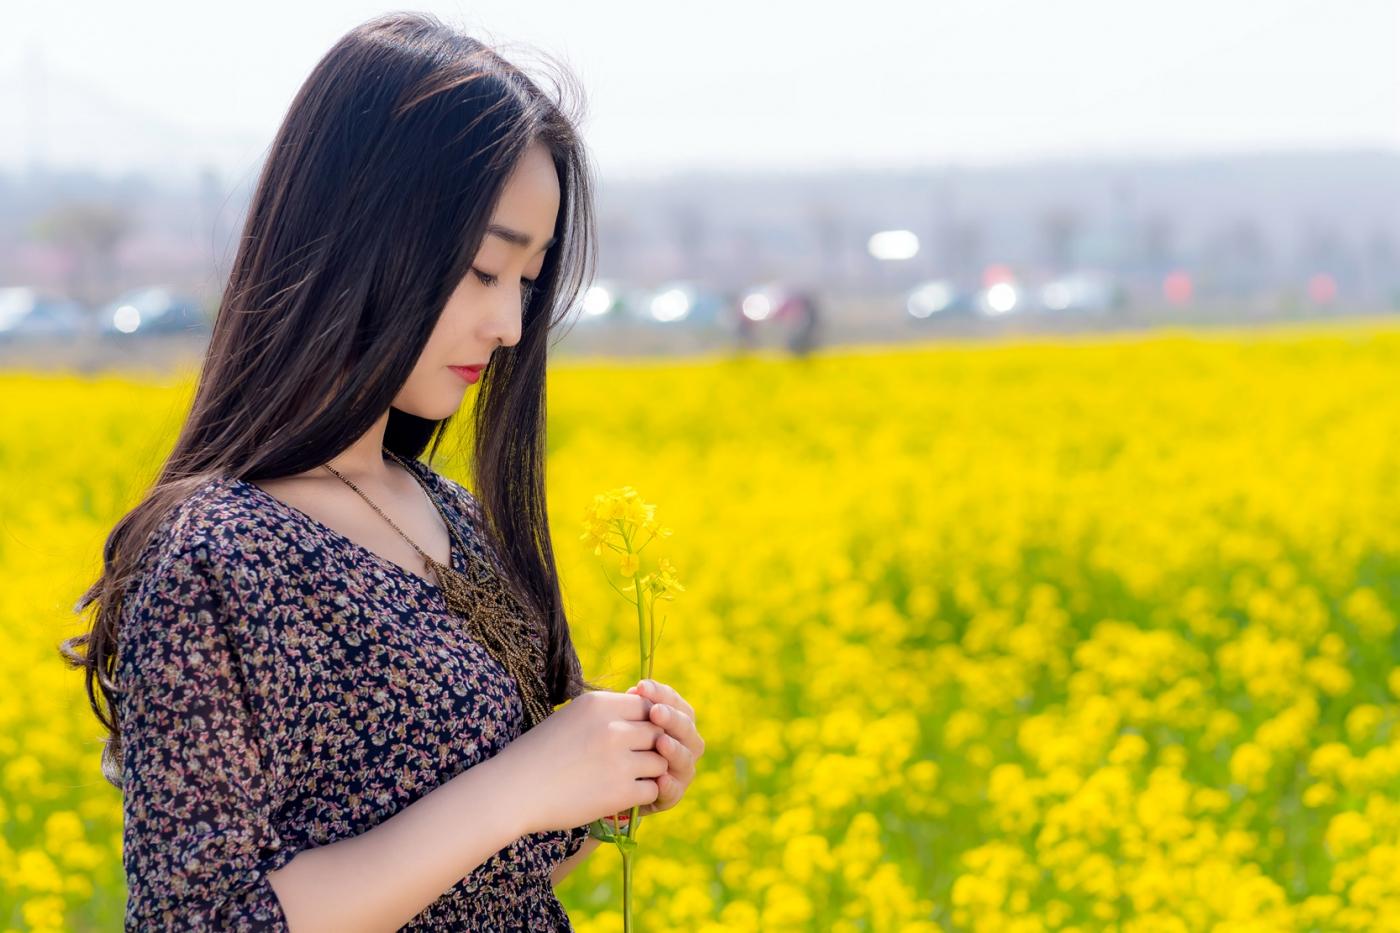 清明时节踏春的临沂女孩们_图1-9